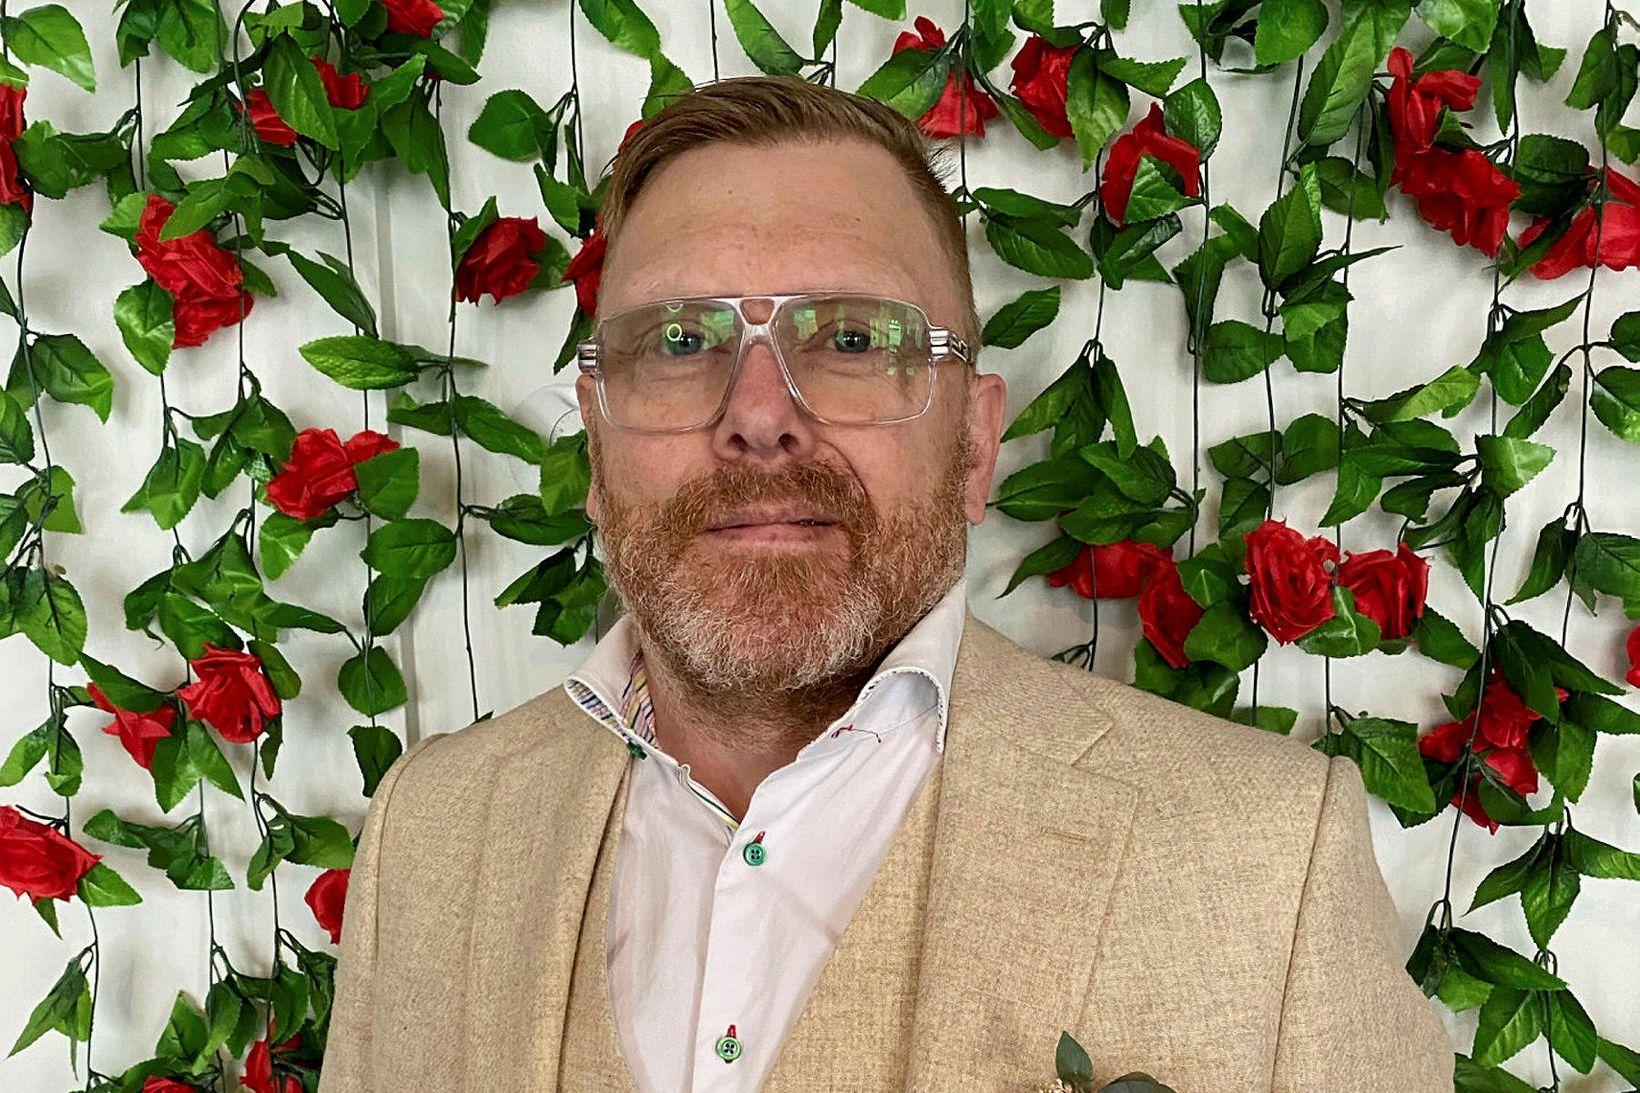 Jón Gnarr fer með hlutverk Skugga-Sveins á næsta leikari.